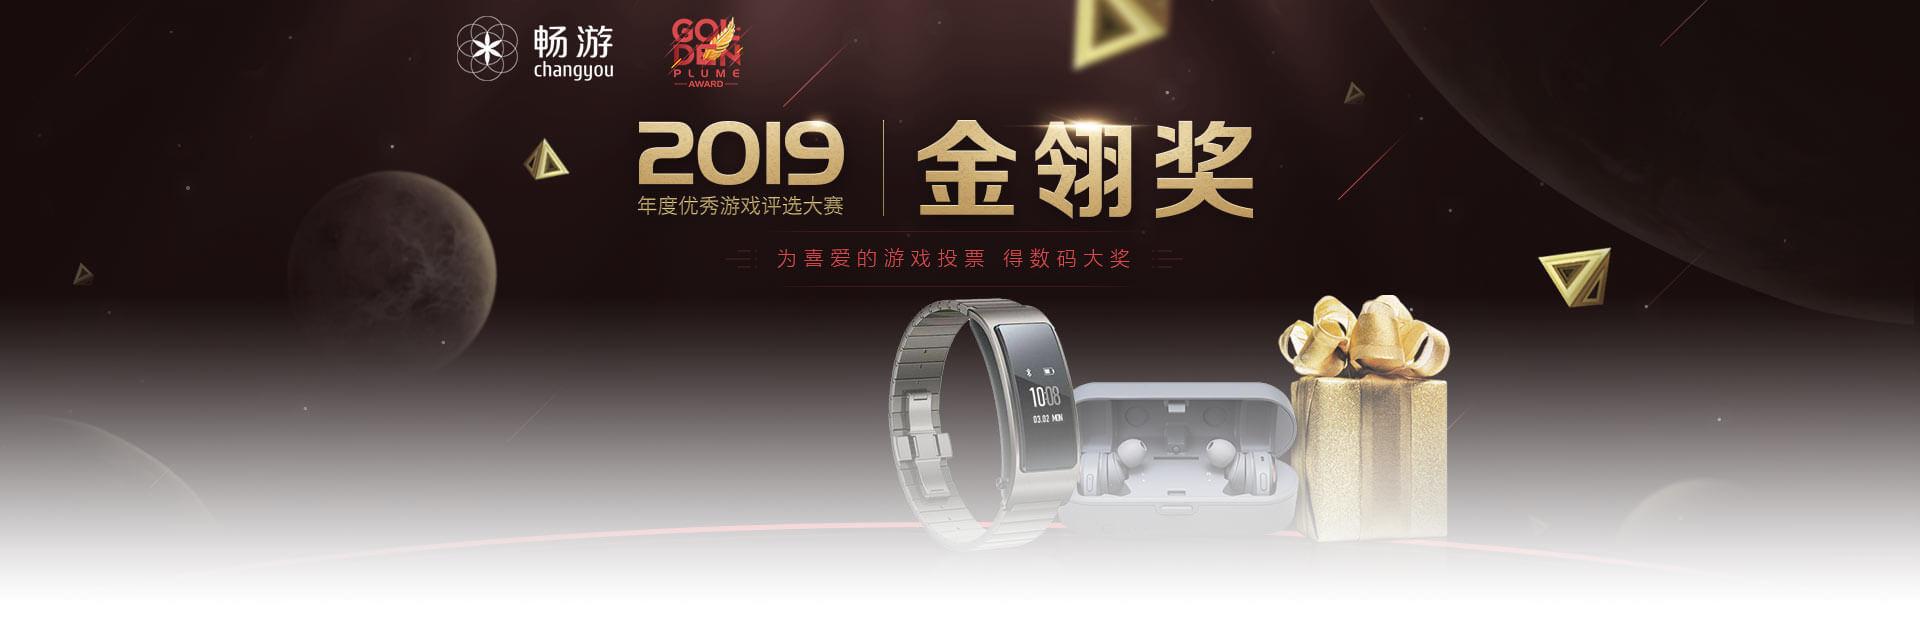 2019金翎奖